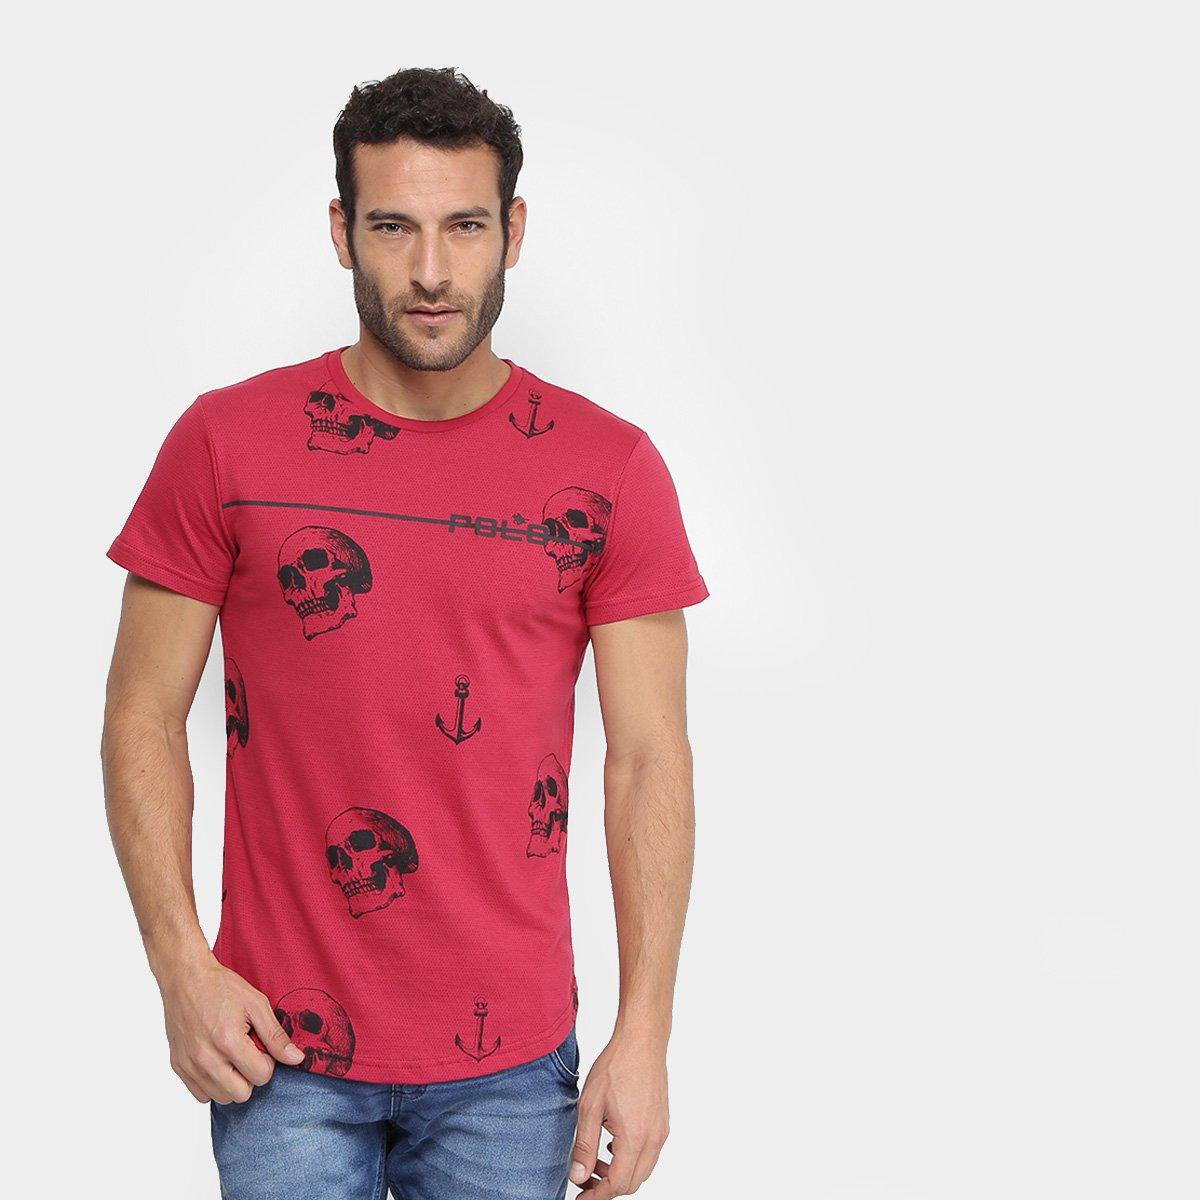 458177d42 Camiseta RG 518 Caveiras e Âncoras Masculina - Vermelho - Compre Agora